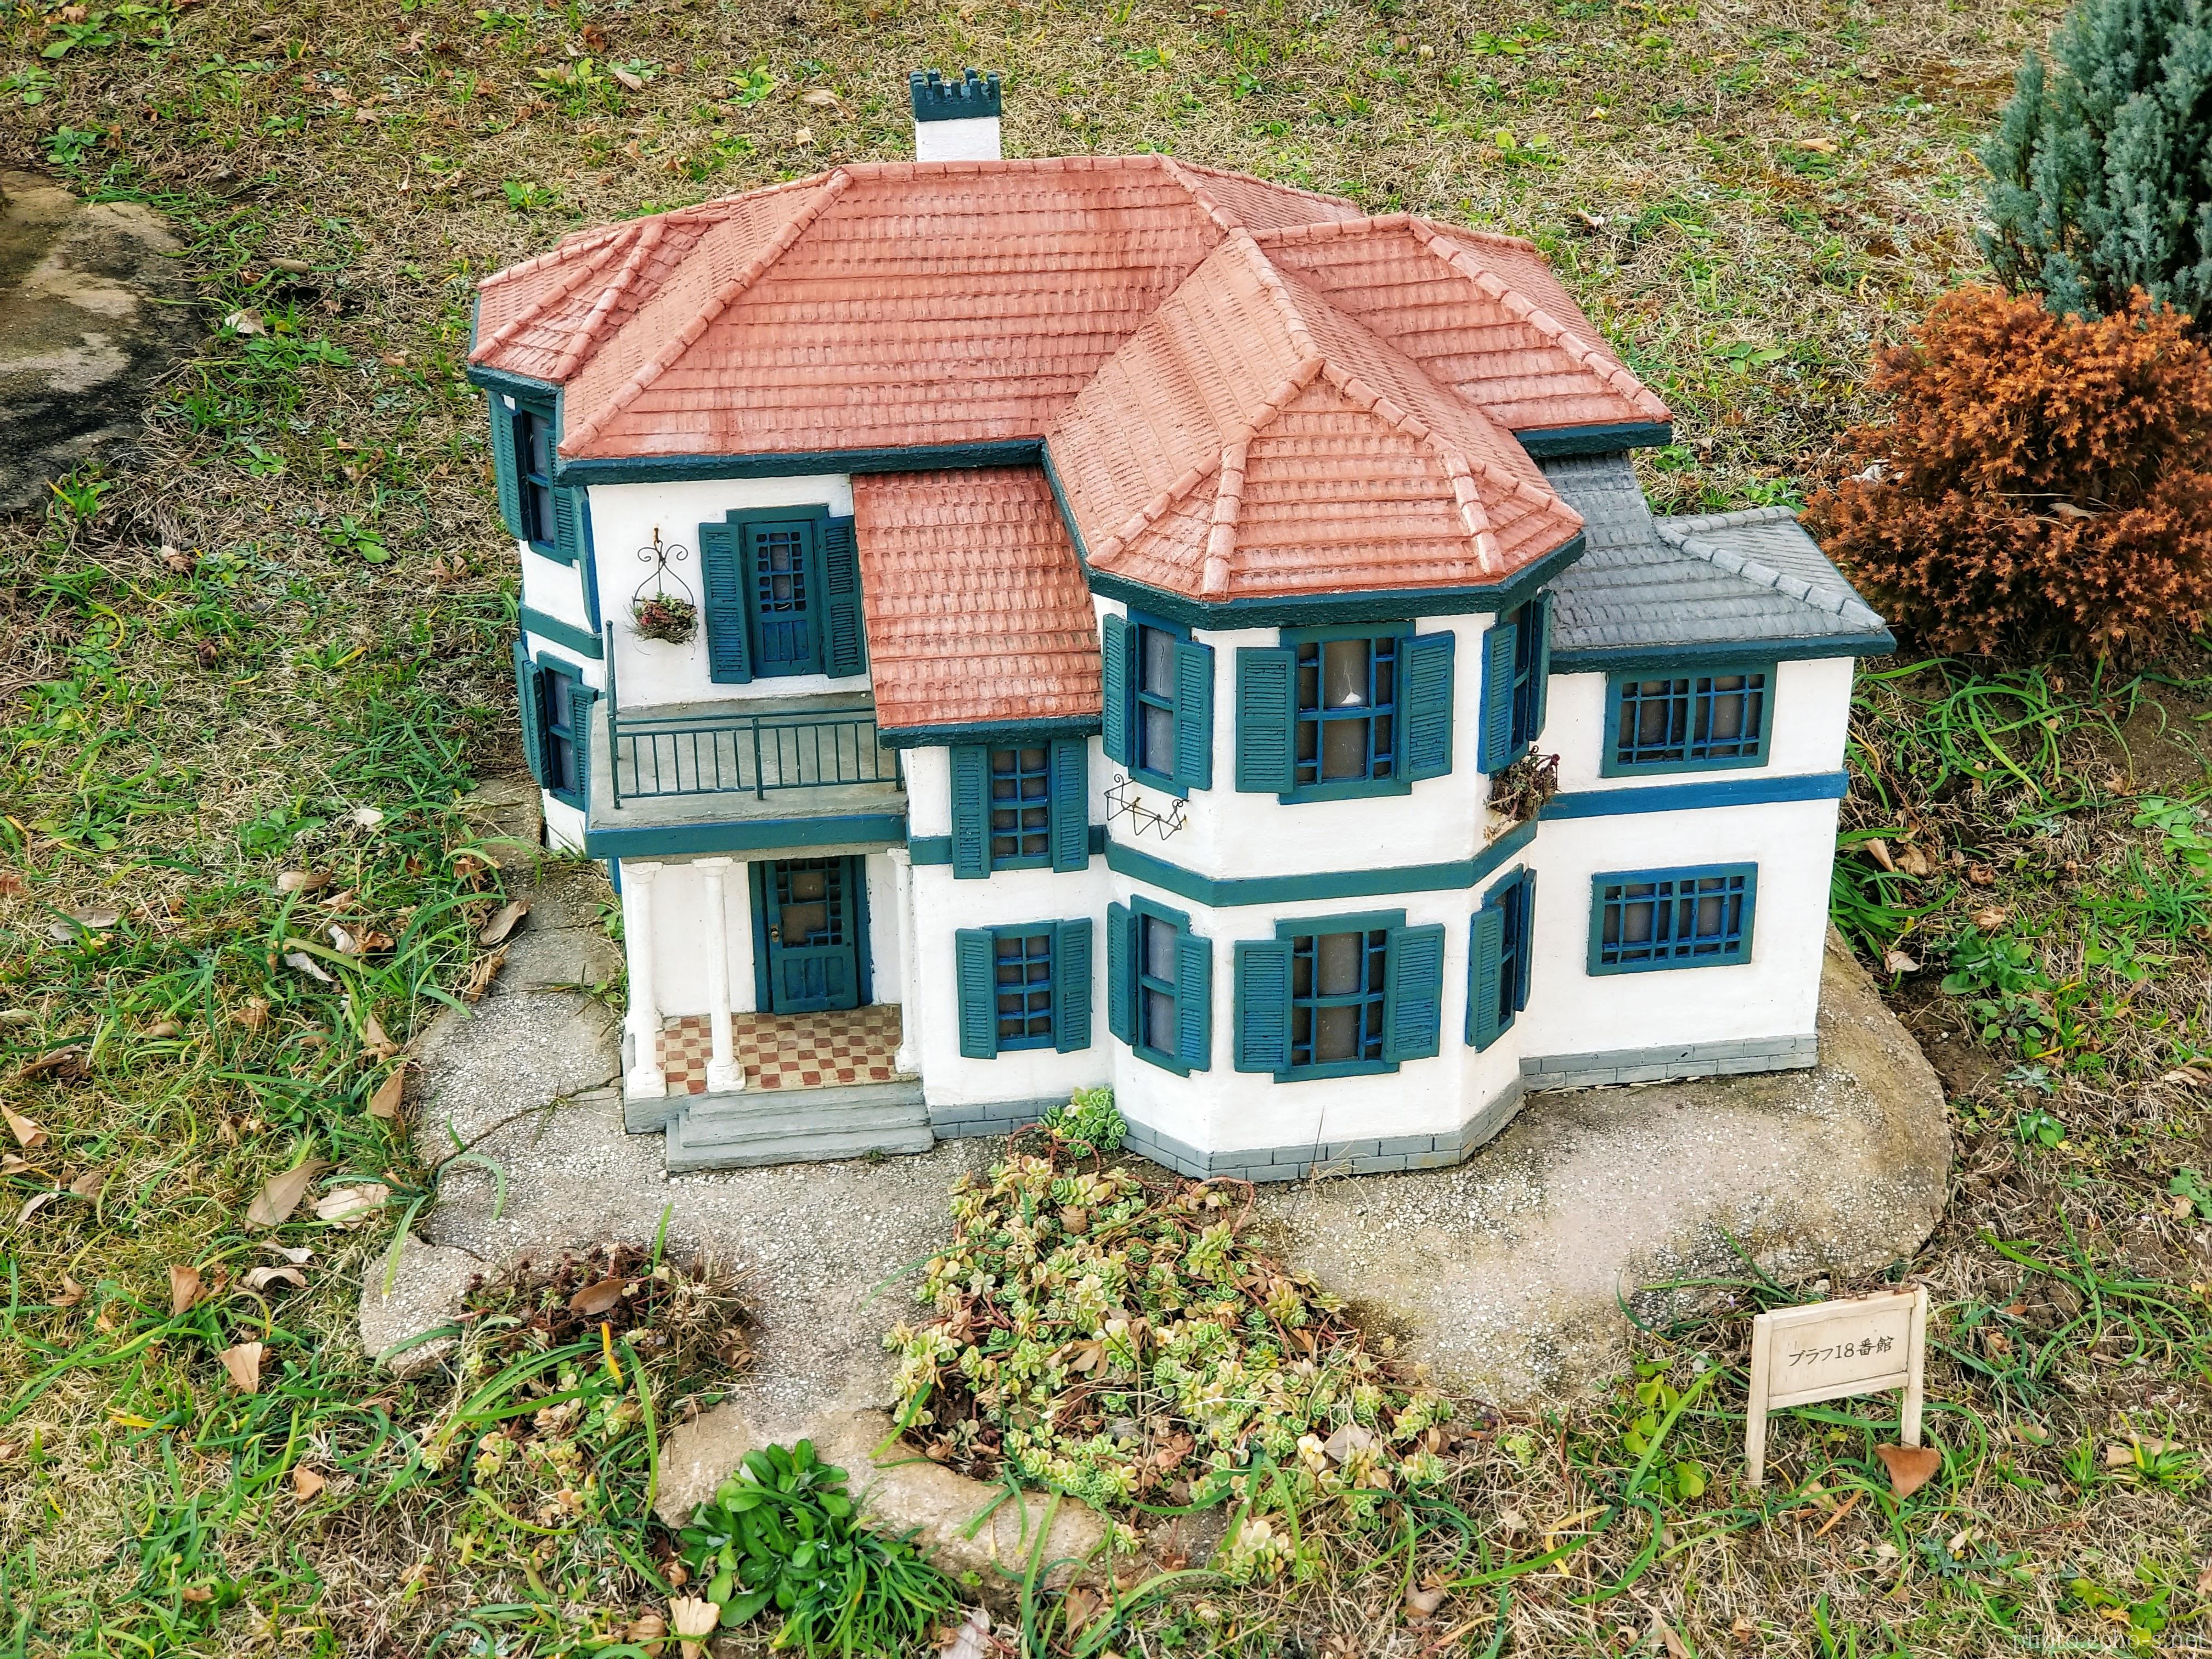 横浜 山手イタリア山庭園 小さな西洋館の丘 ブラフ18番館